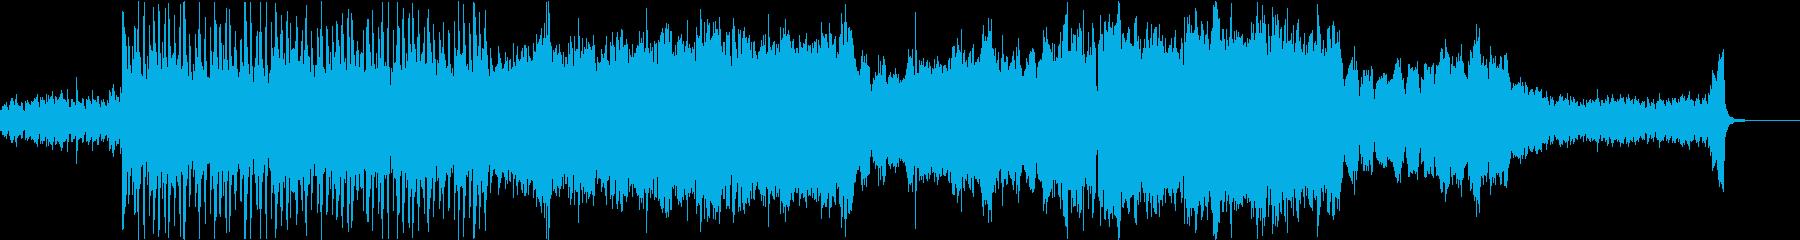 【メロディ・ドラム・ベース抜き】優しく…の再生済みの波形